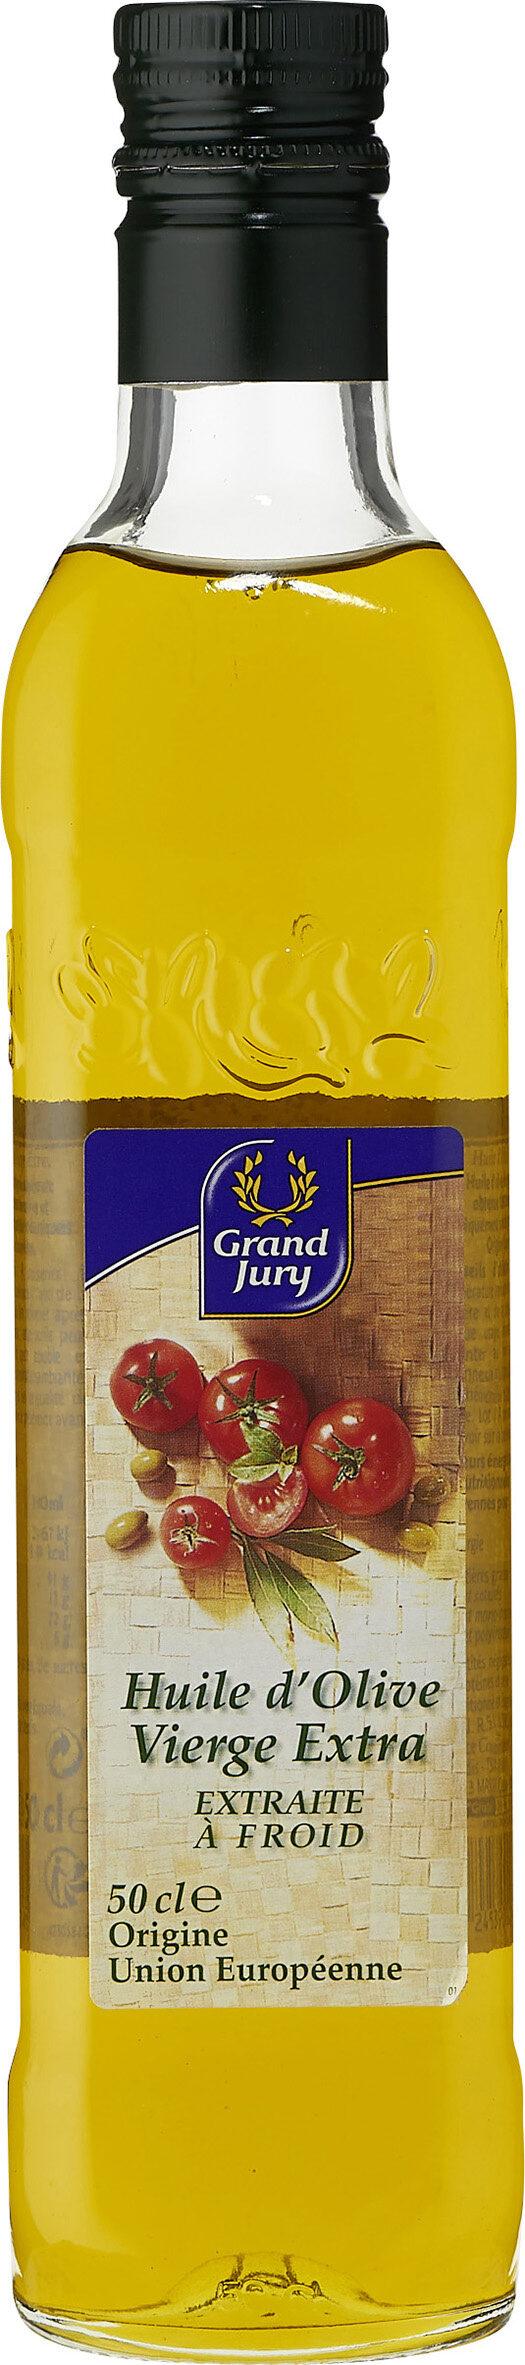 Huile d'olive vierge extra extraite à froid - Produit - fr